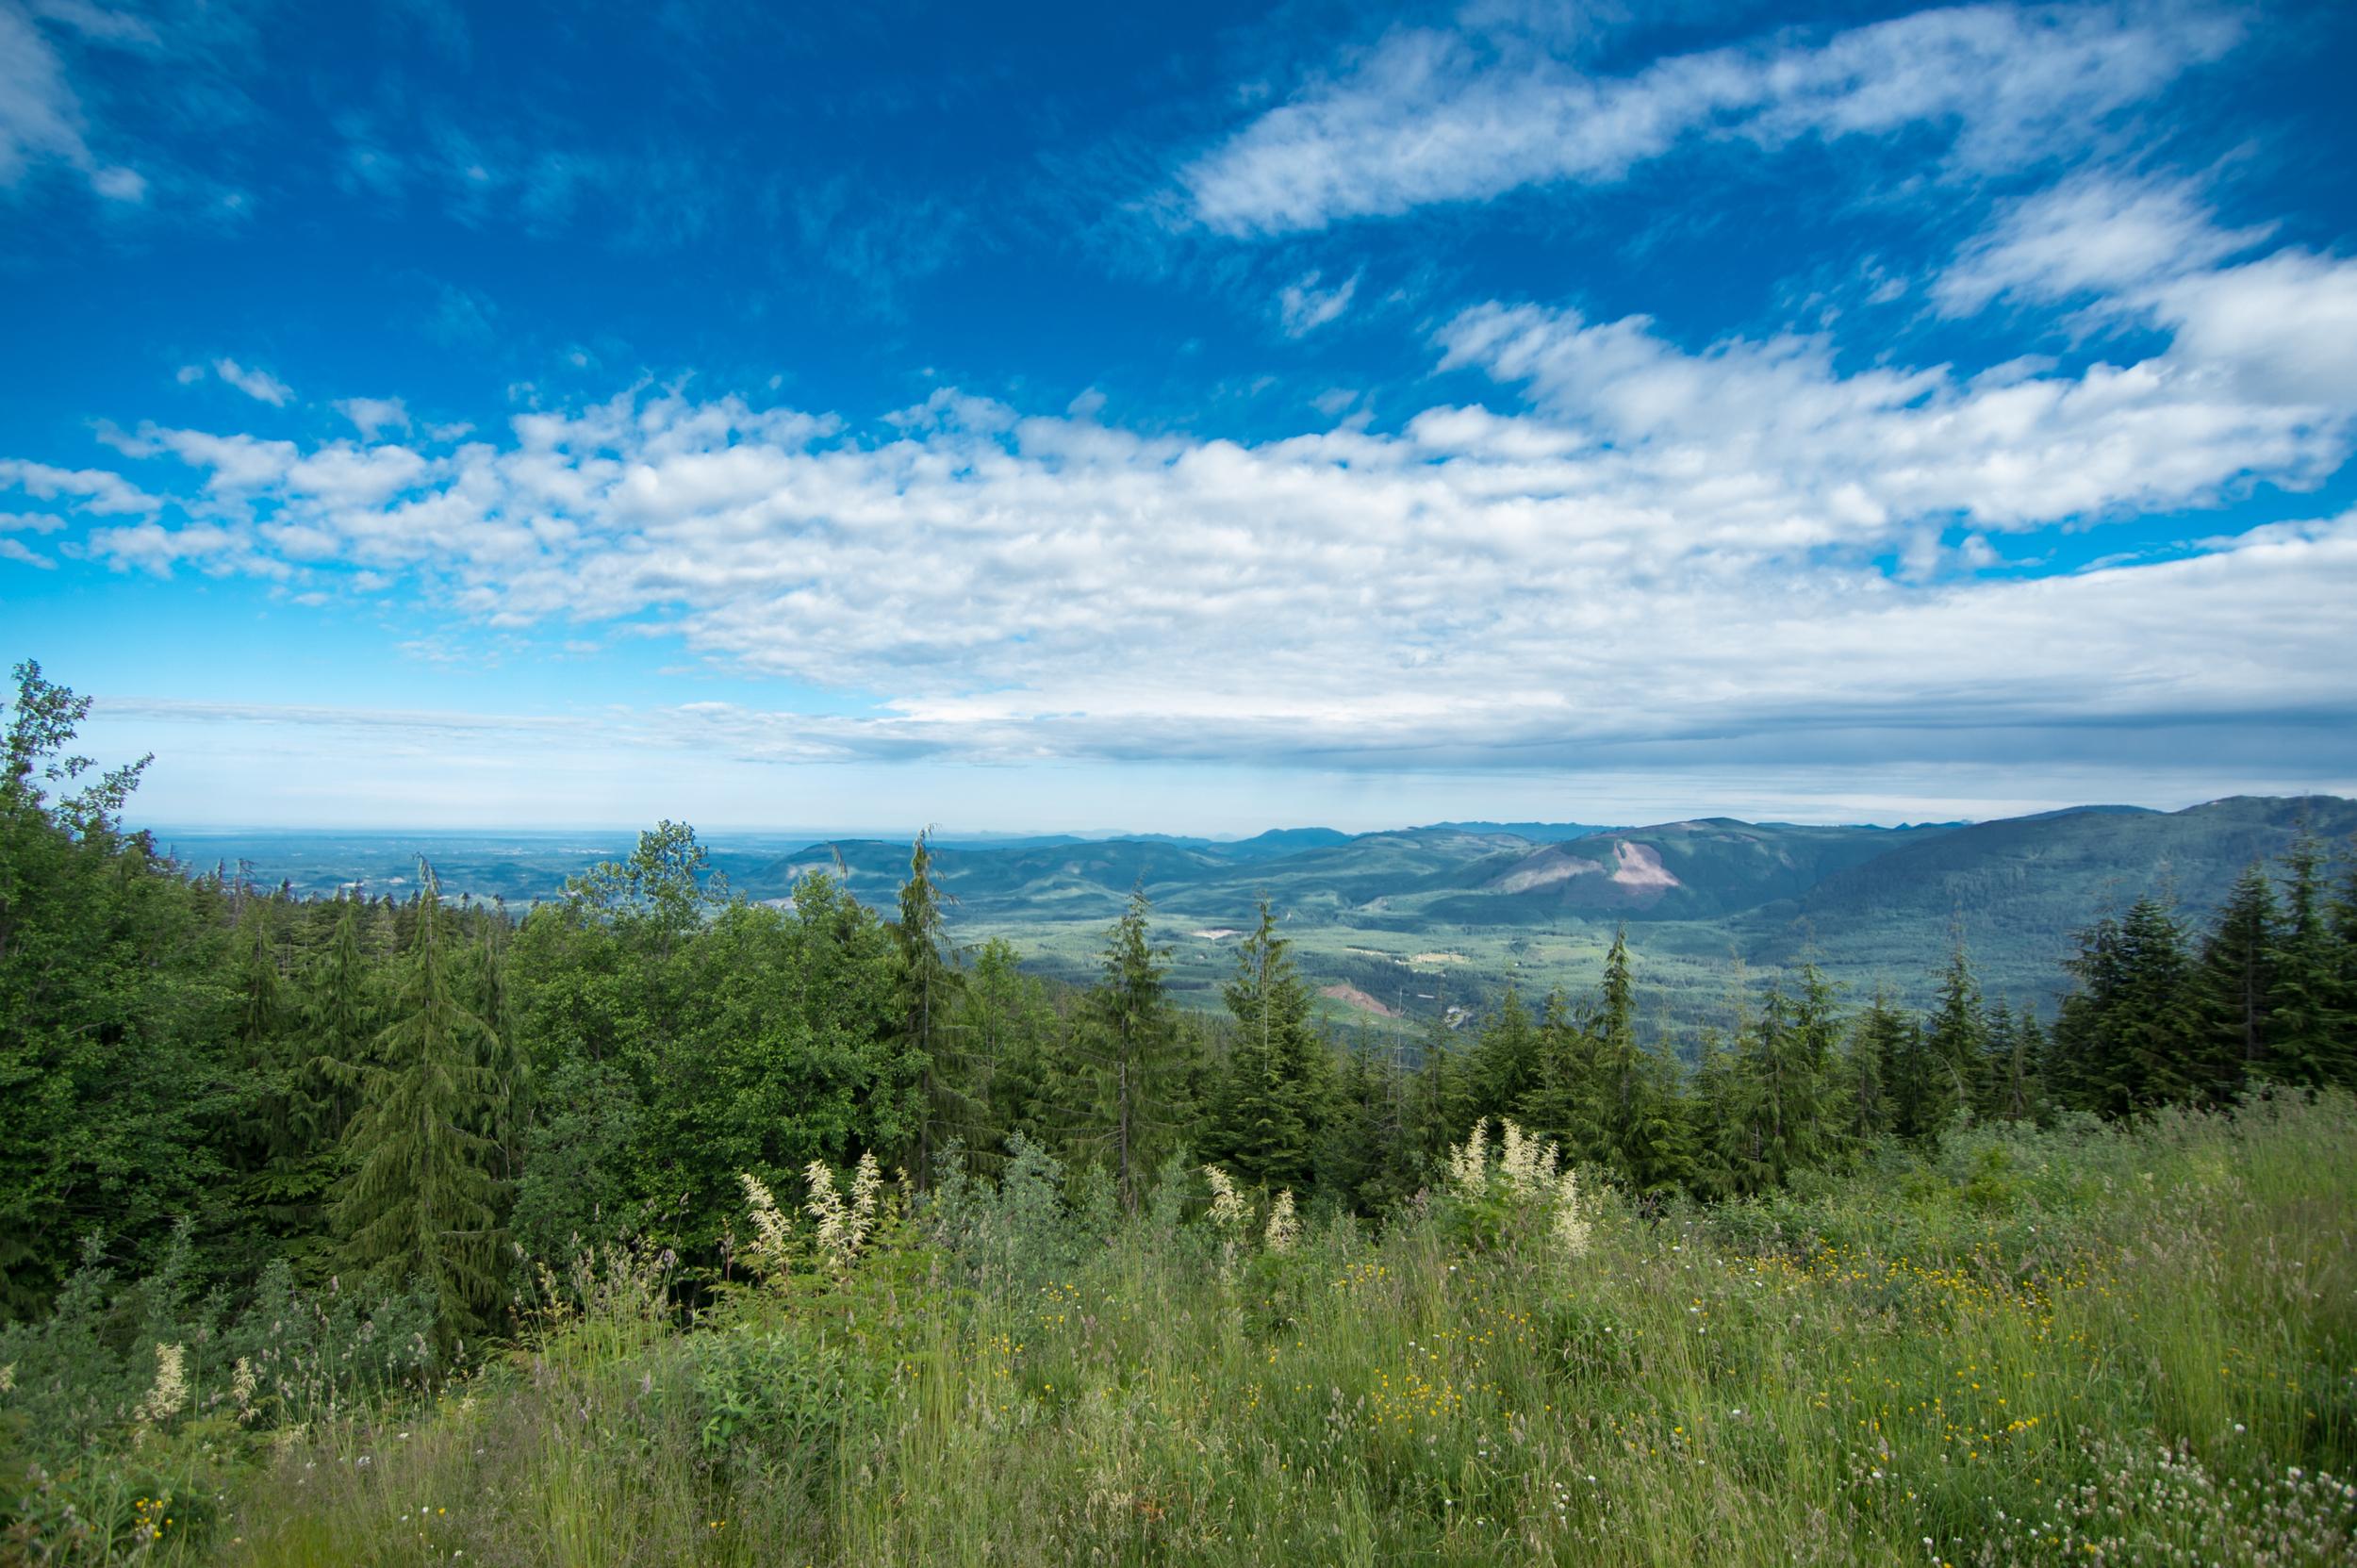 Mount_Pilchuck-2.jpg